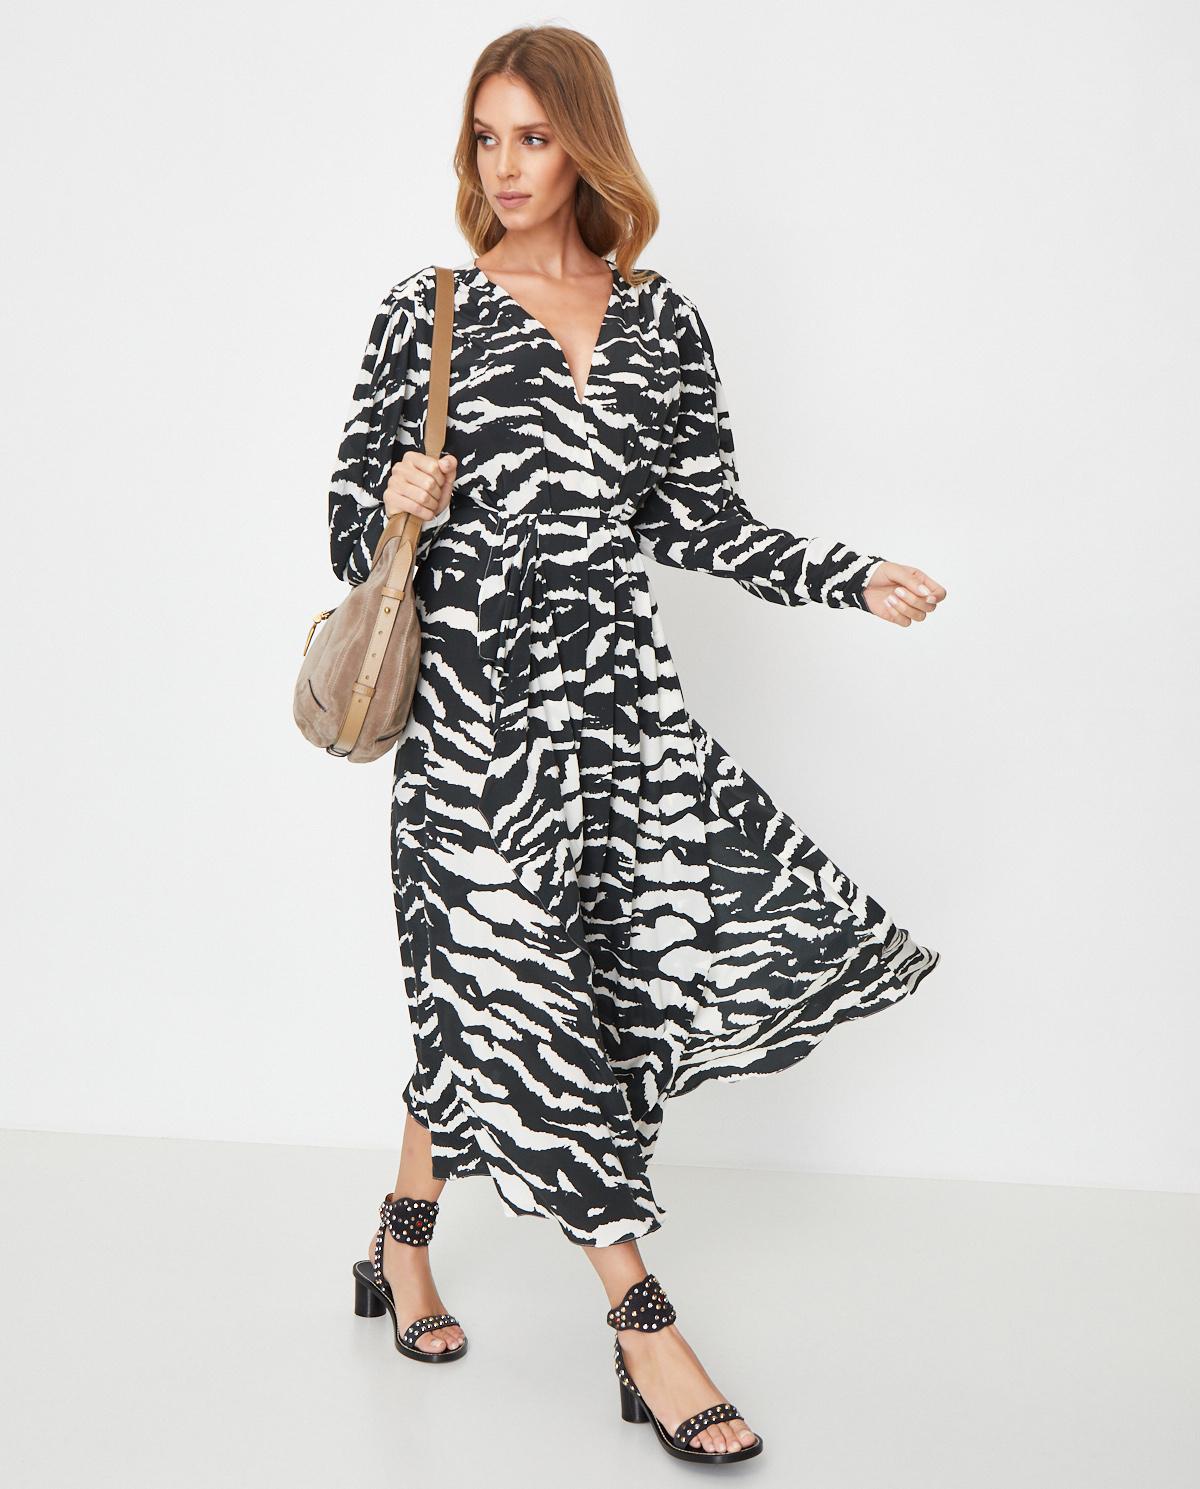 Jedwabna sukienka ze wzorem zebry Isabel Marant RO1541-20P020I 01BK